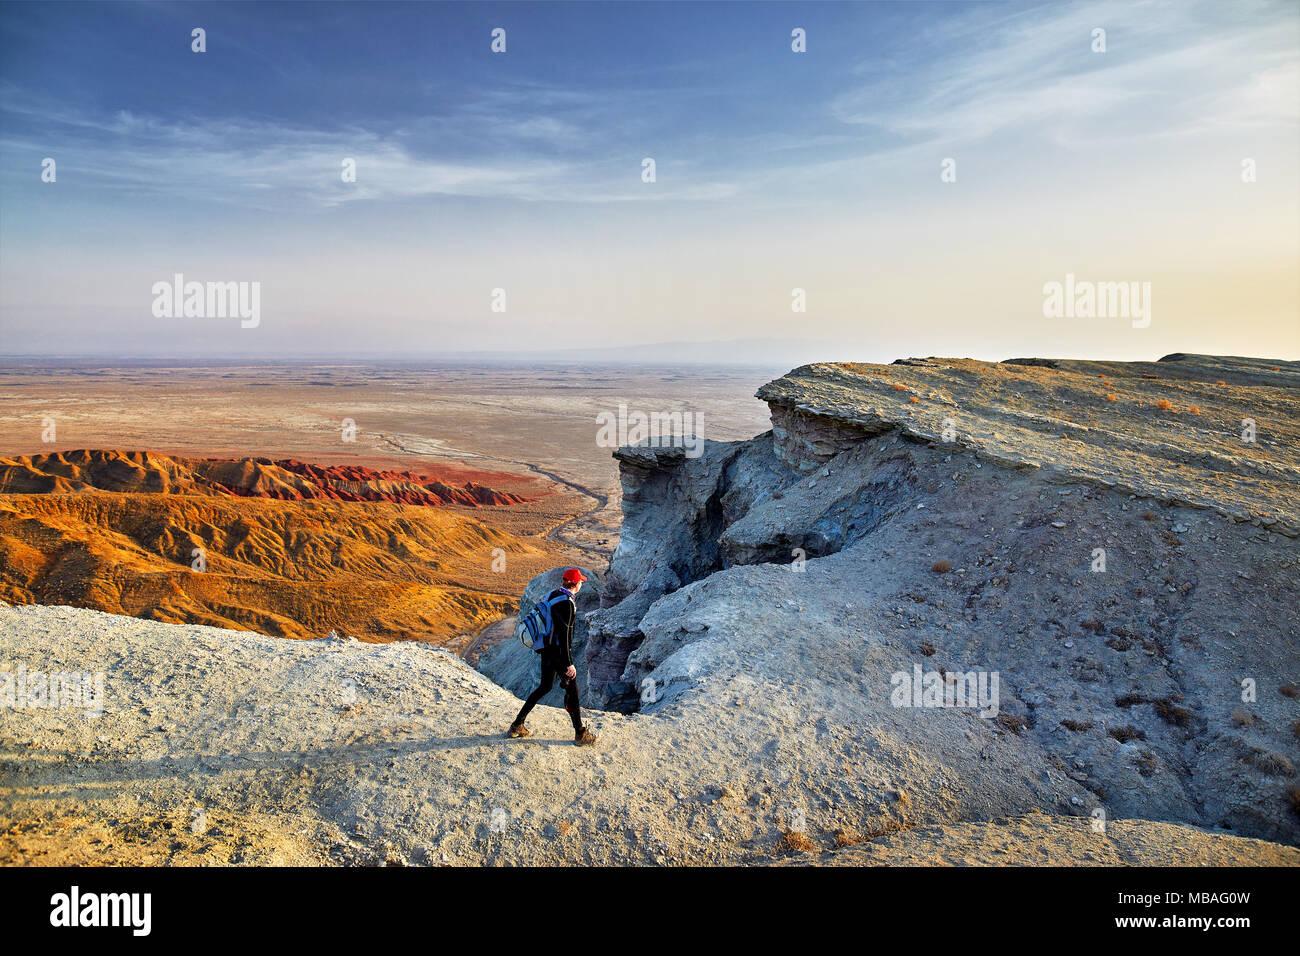 Touristische wandern im surrealen weiße Berge im Desert Park Altyn Emel in Kasachstan Stockfoto